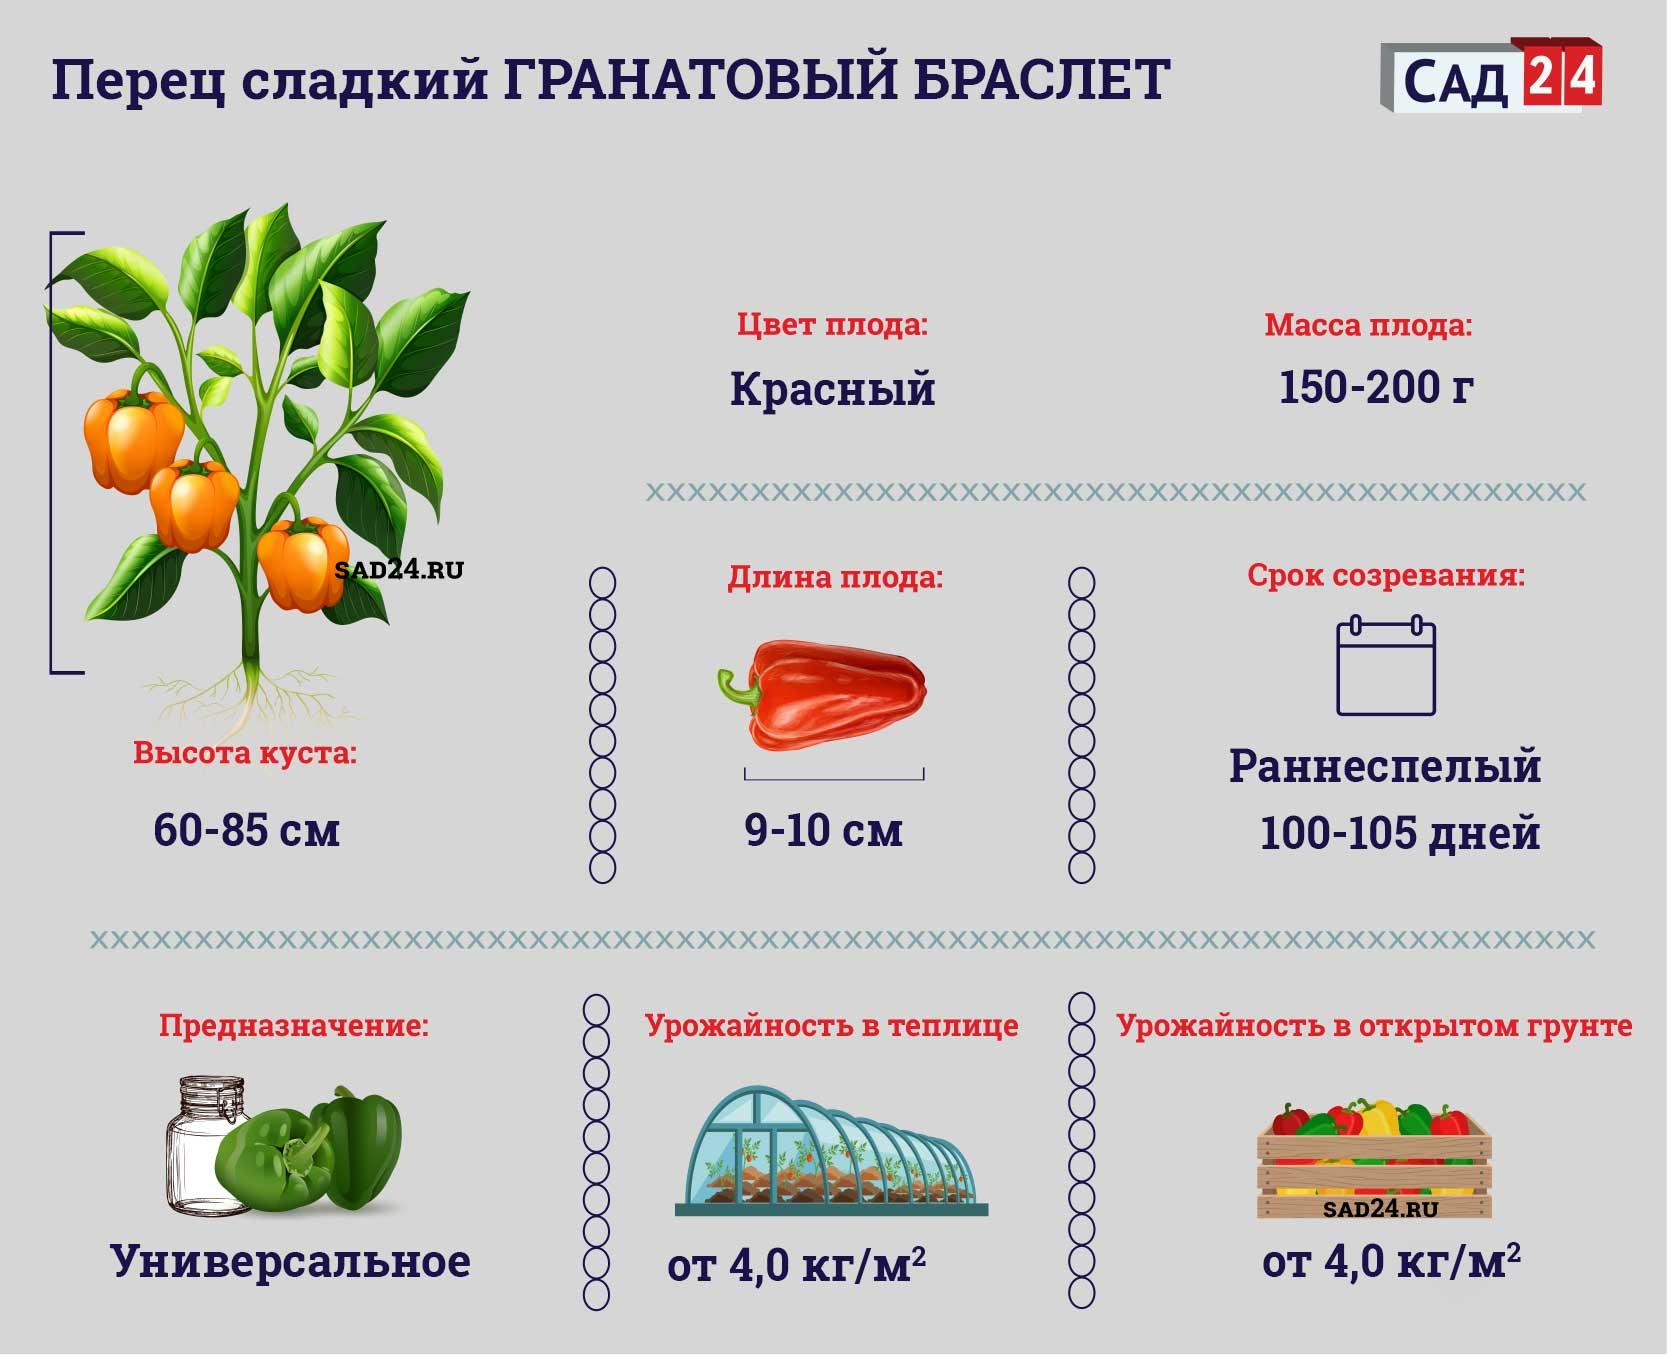 Гранатовый браслет - https://sad24.ru